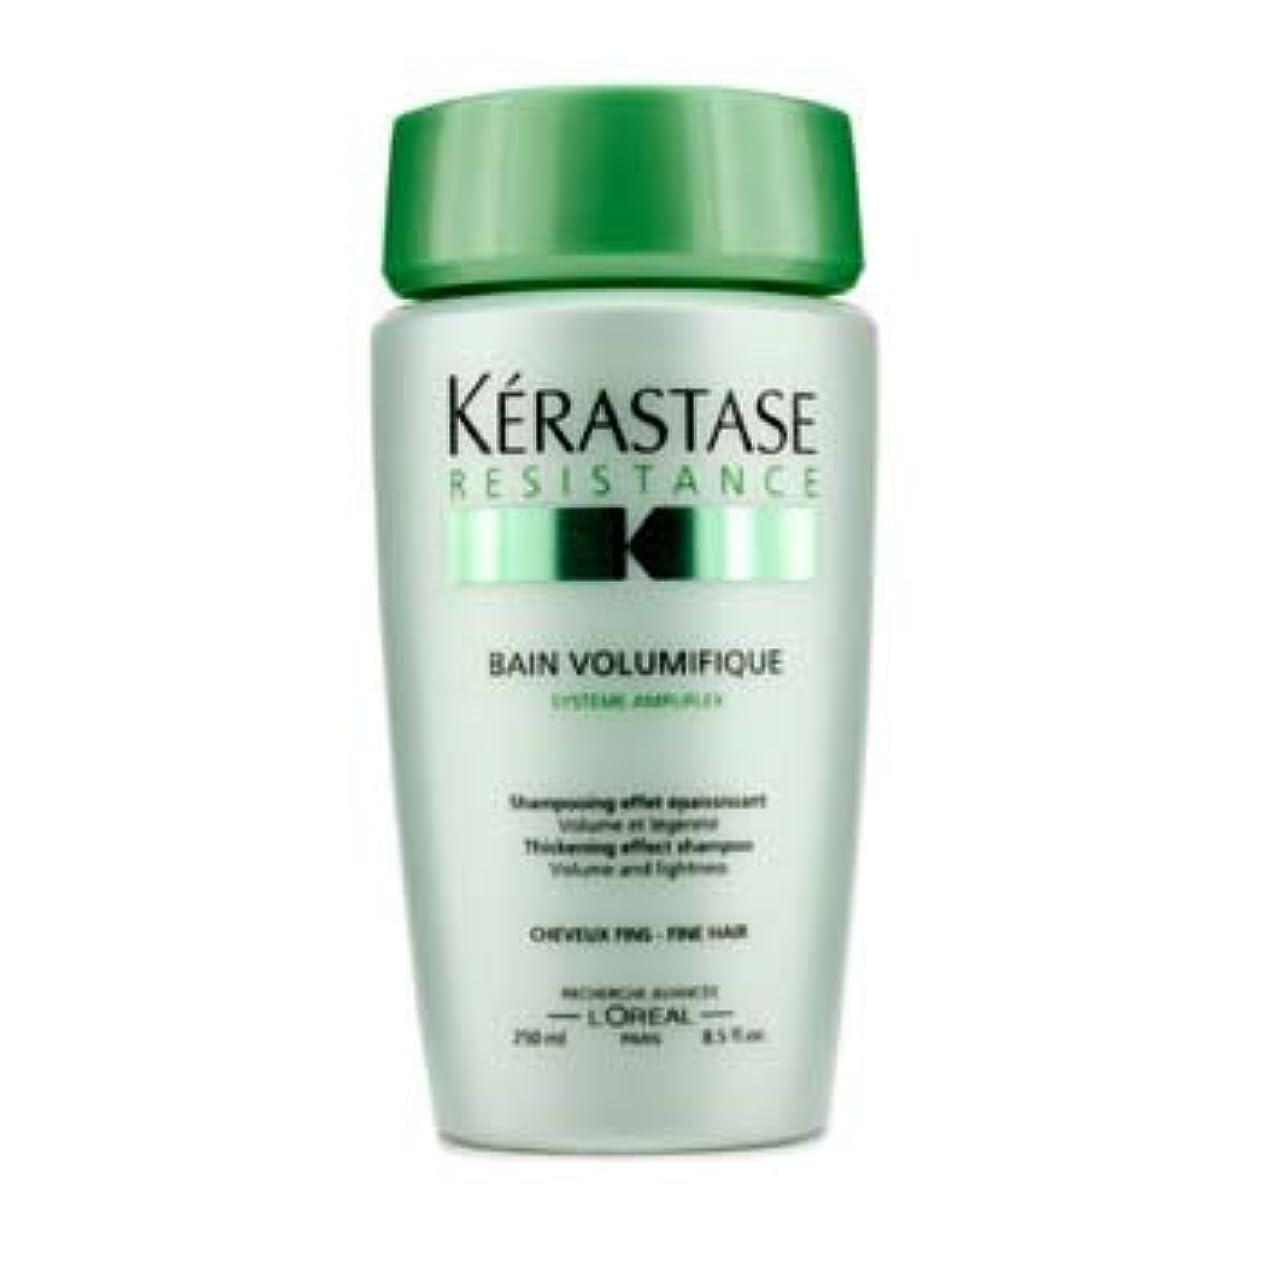 筋肉の電気陽性嘆く[Kerastase] Resistance Bain Volumifique Thickening Effect Shampoo (For Fine Hair) 250ml/8.5oz